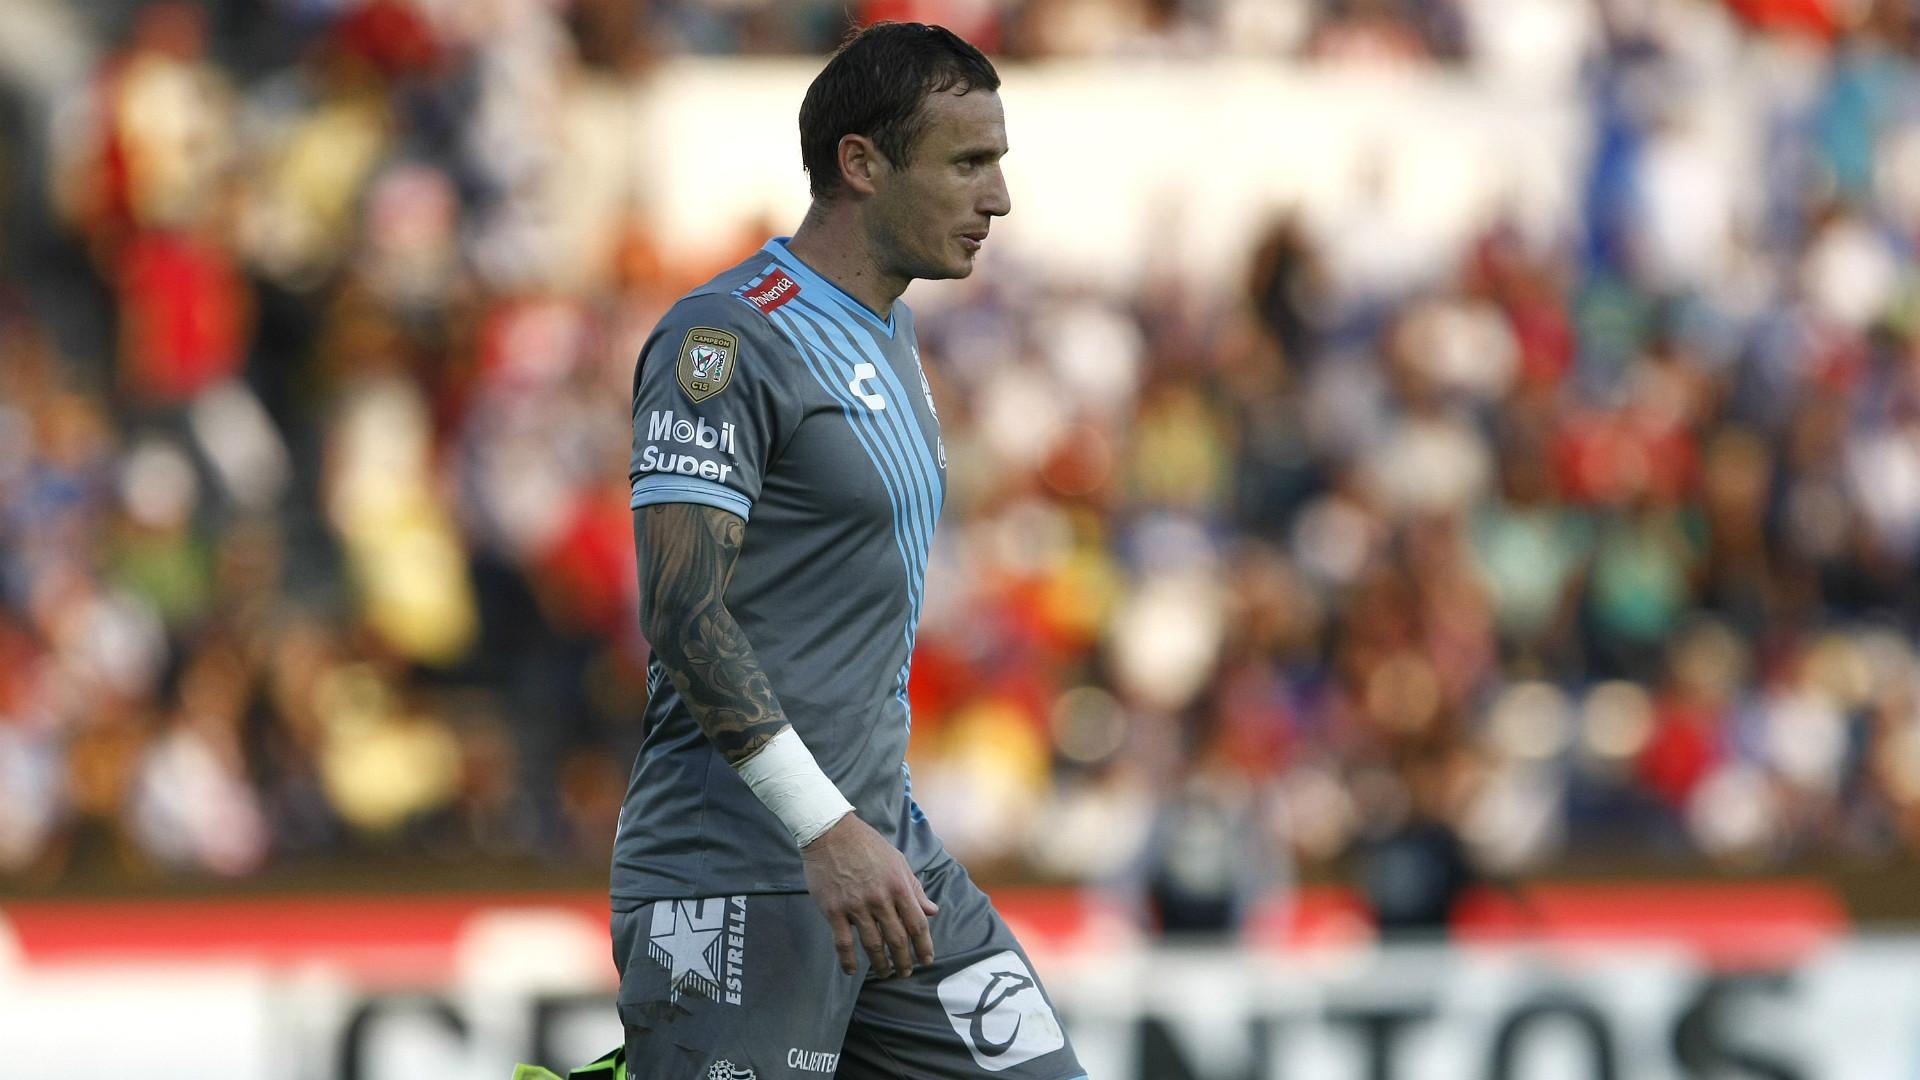 Club Puebla pierde demanda y deberá pagar 4.8 mdp por Campestrini